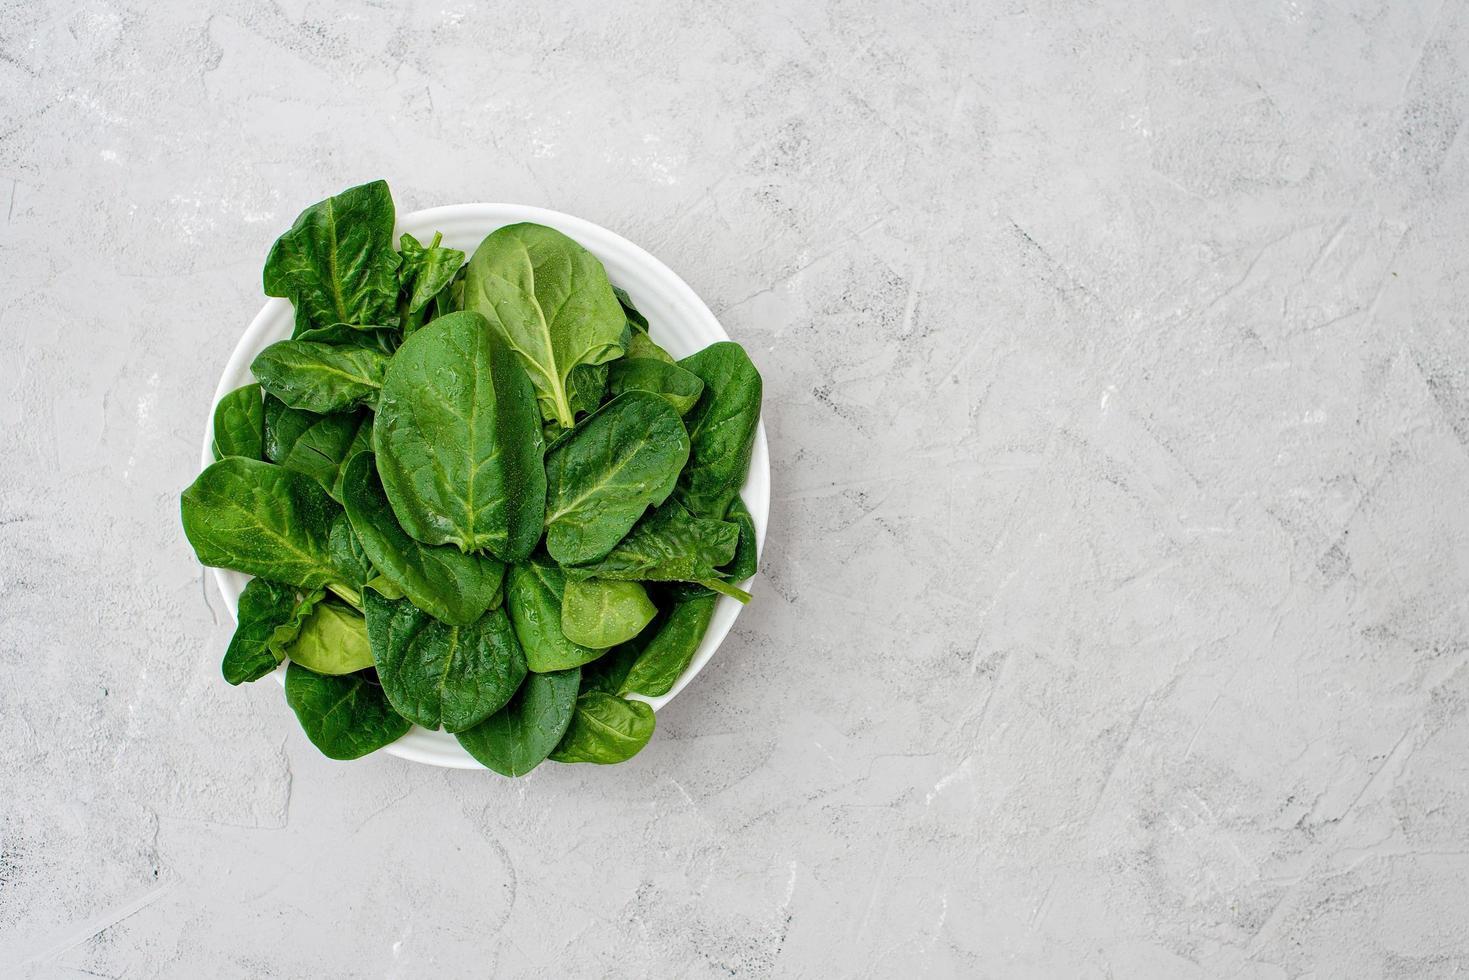 concept de nourriture propre. feuilles de légumes verts d'épinards biologiques frais dans une assiette sur fond clair. alimentation saine de désintoxication printemps-été. aliments crus végétaliens. espace de copie. photo